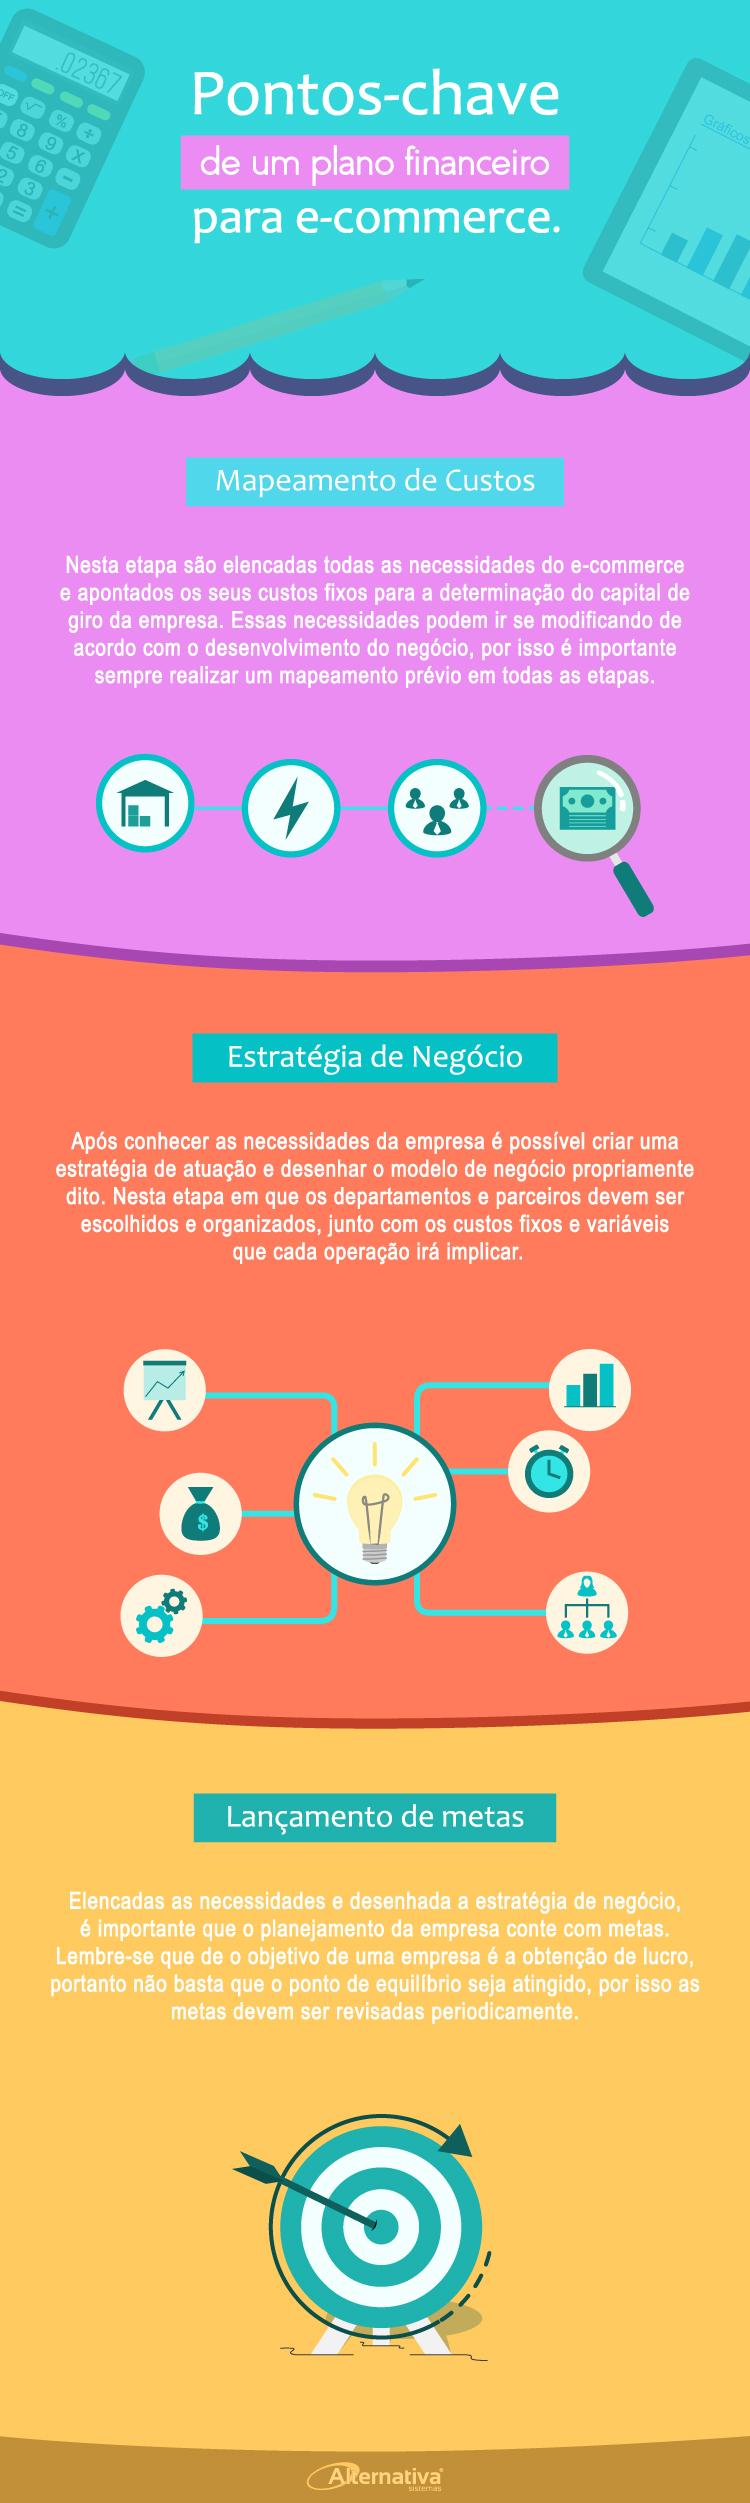 inforgrafico-pontos-chave-de-um-plano-financeiro-para-e-commerce---Alternativa-Sistemas